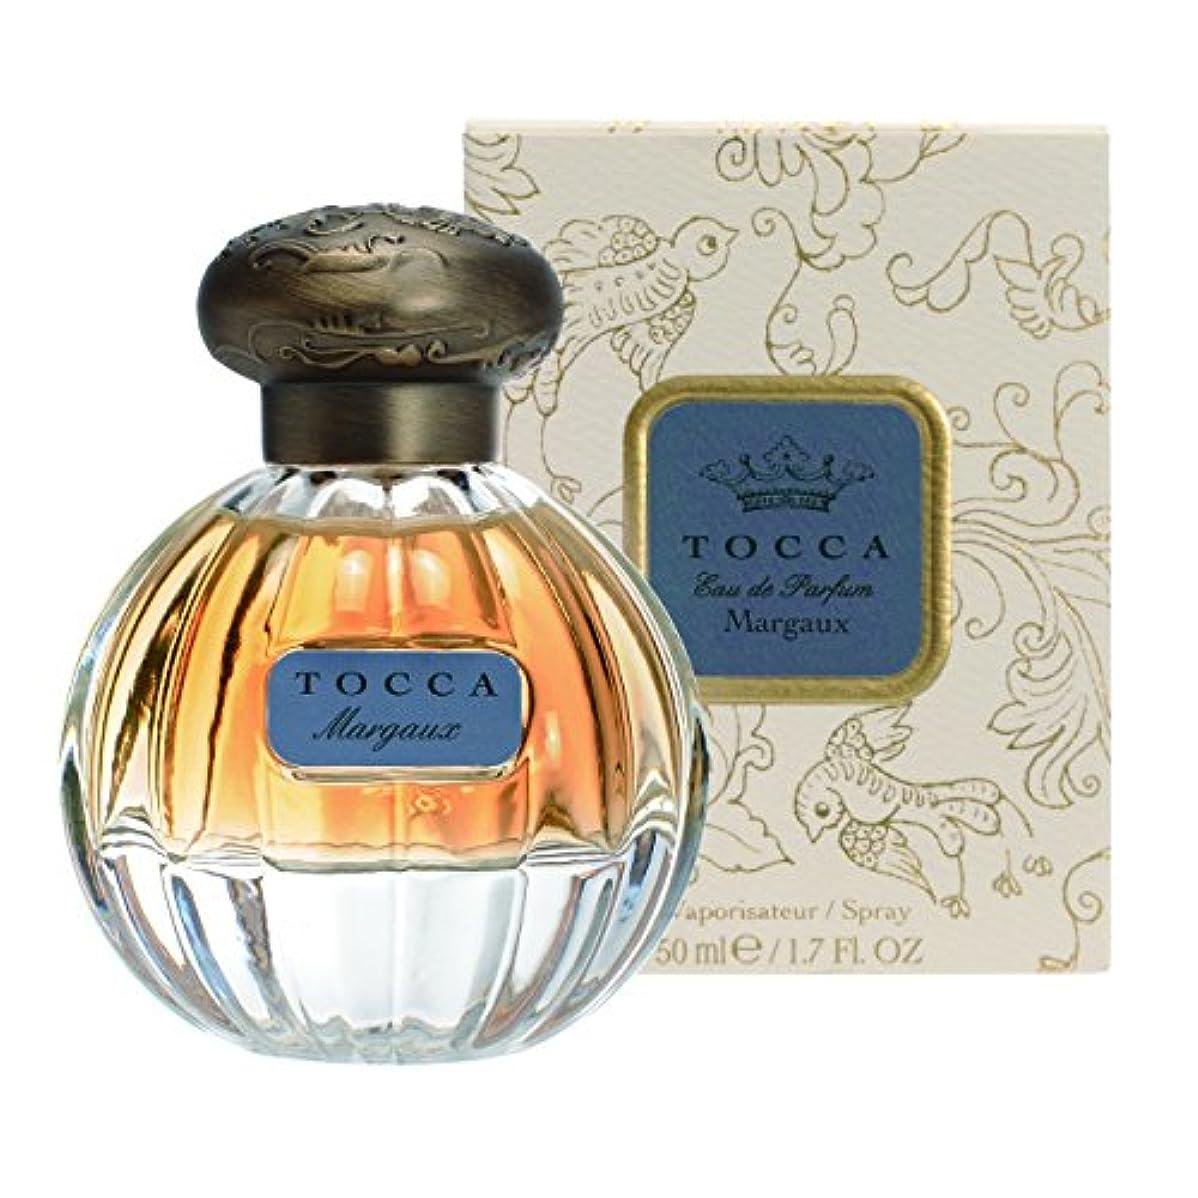 すみません先史時代の非アクティブトッカ(TOCCA) オードパルファム マルゴーの香り 50ml(香水 永遠の愛を思わせるフローラルとカシミヤウッド、ムスクの甘い温かみにバニラのアクセントが加わった香り)